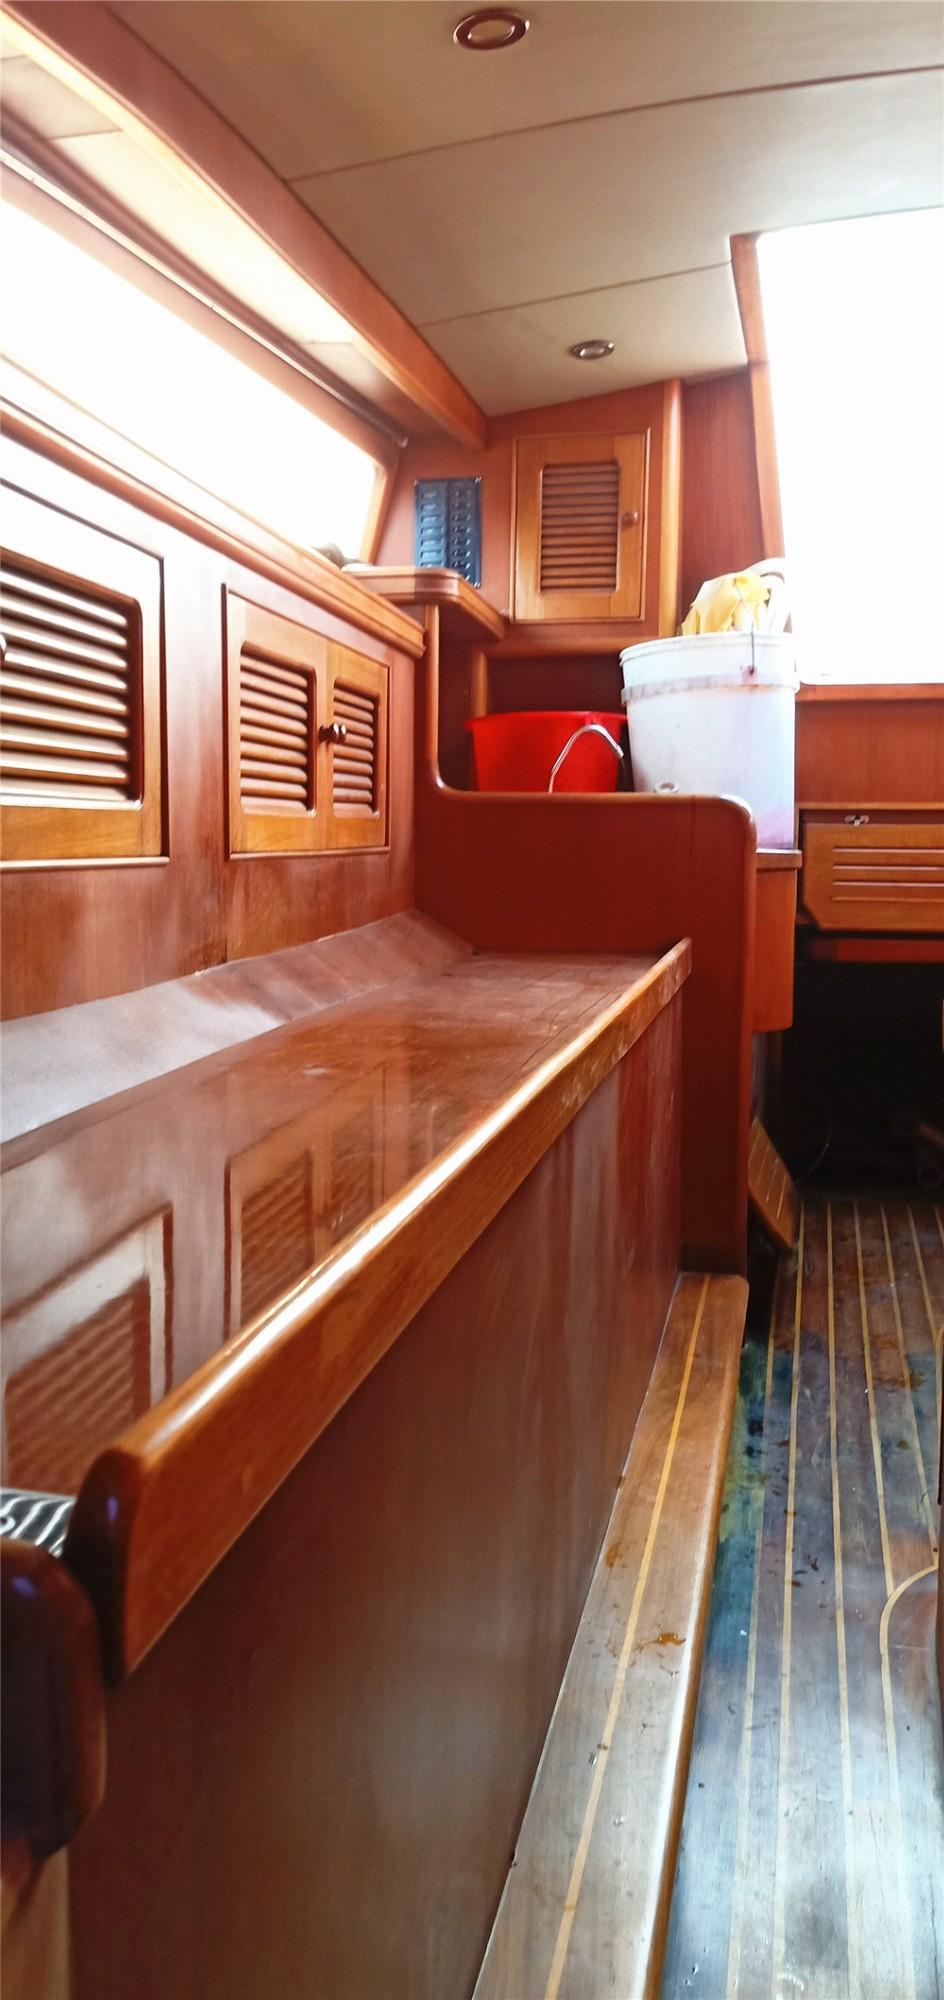 下水,随时,全新,要的,航行 全新二手国产三体29尺帆船 舱室1 223332qappu0o9voaf6avp